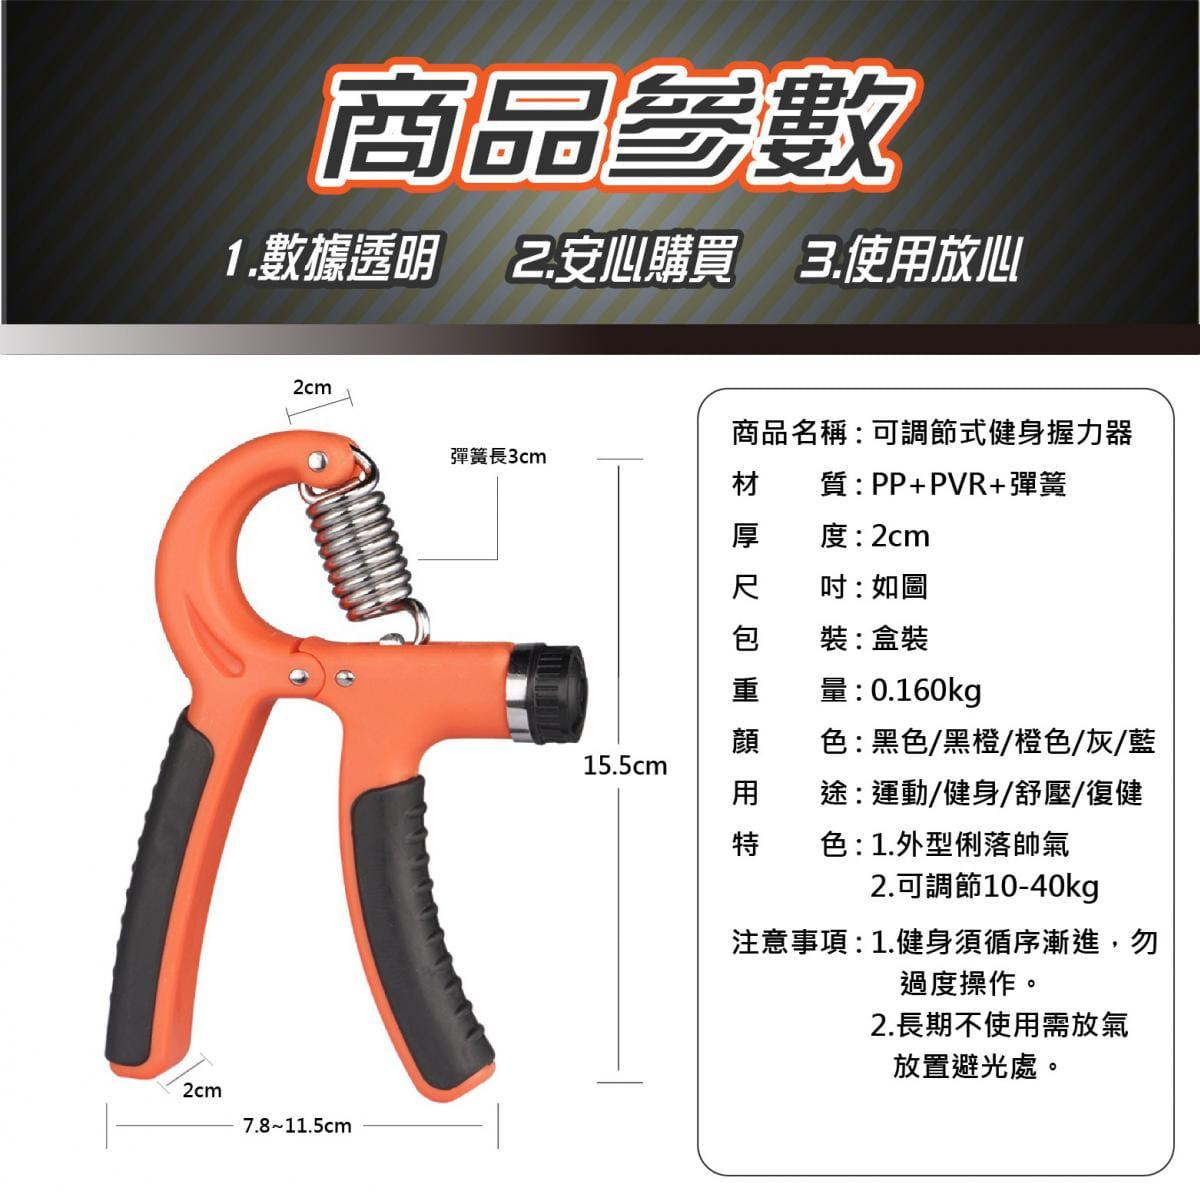 可調節式 握力器10~40KG 握力 腕力 握力訓練器 手腕訓練 腕力器 健身器材 紓壓 增肌 8